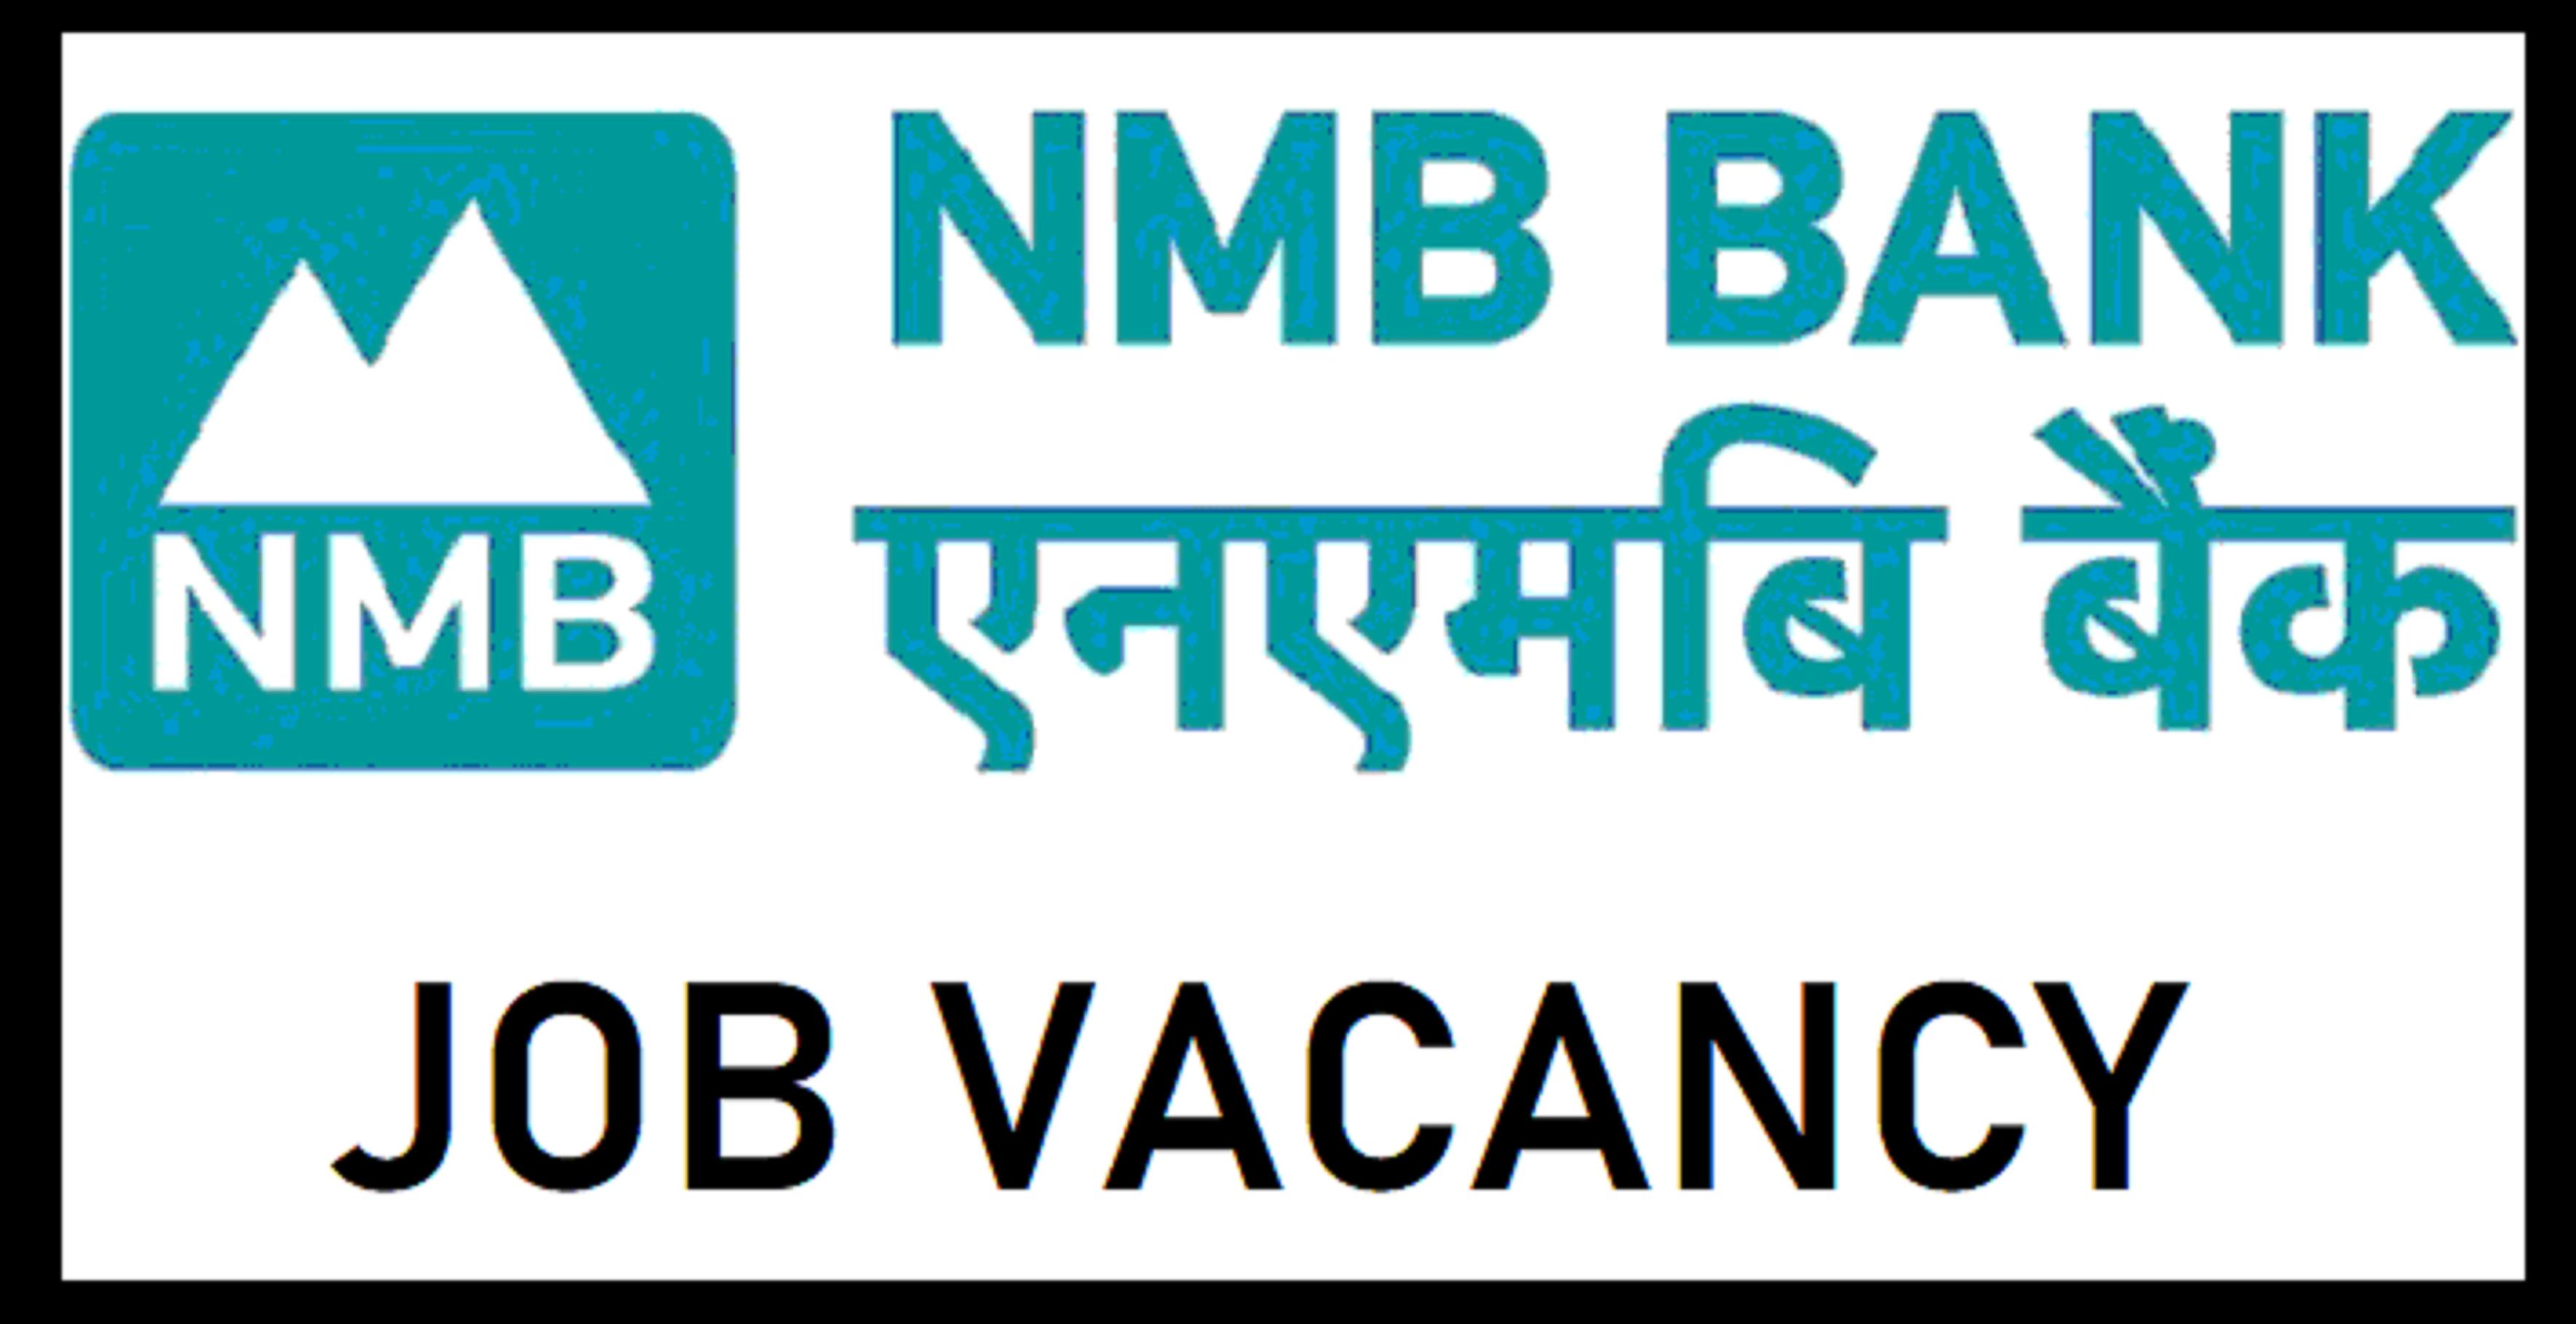 NMB Bank Limited Job Vacancy